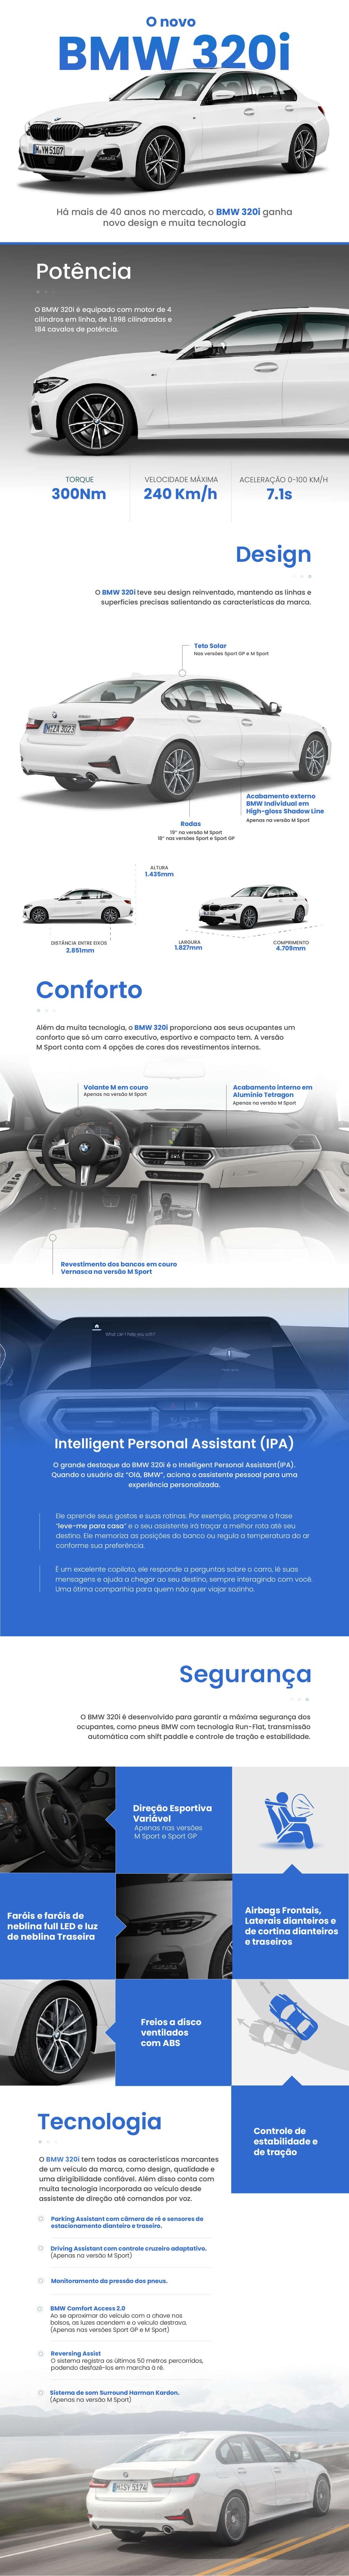 Tecnologia, desempenho e segurança: conheça o novo BMW 320i — Foto: Arte